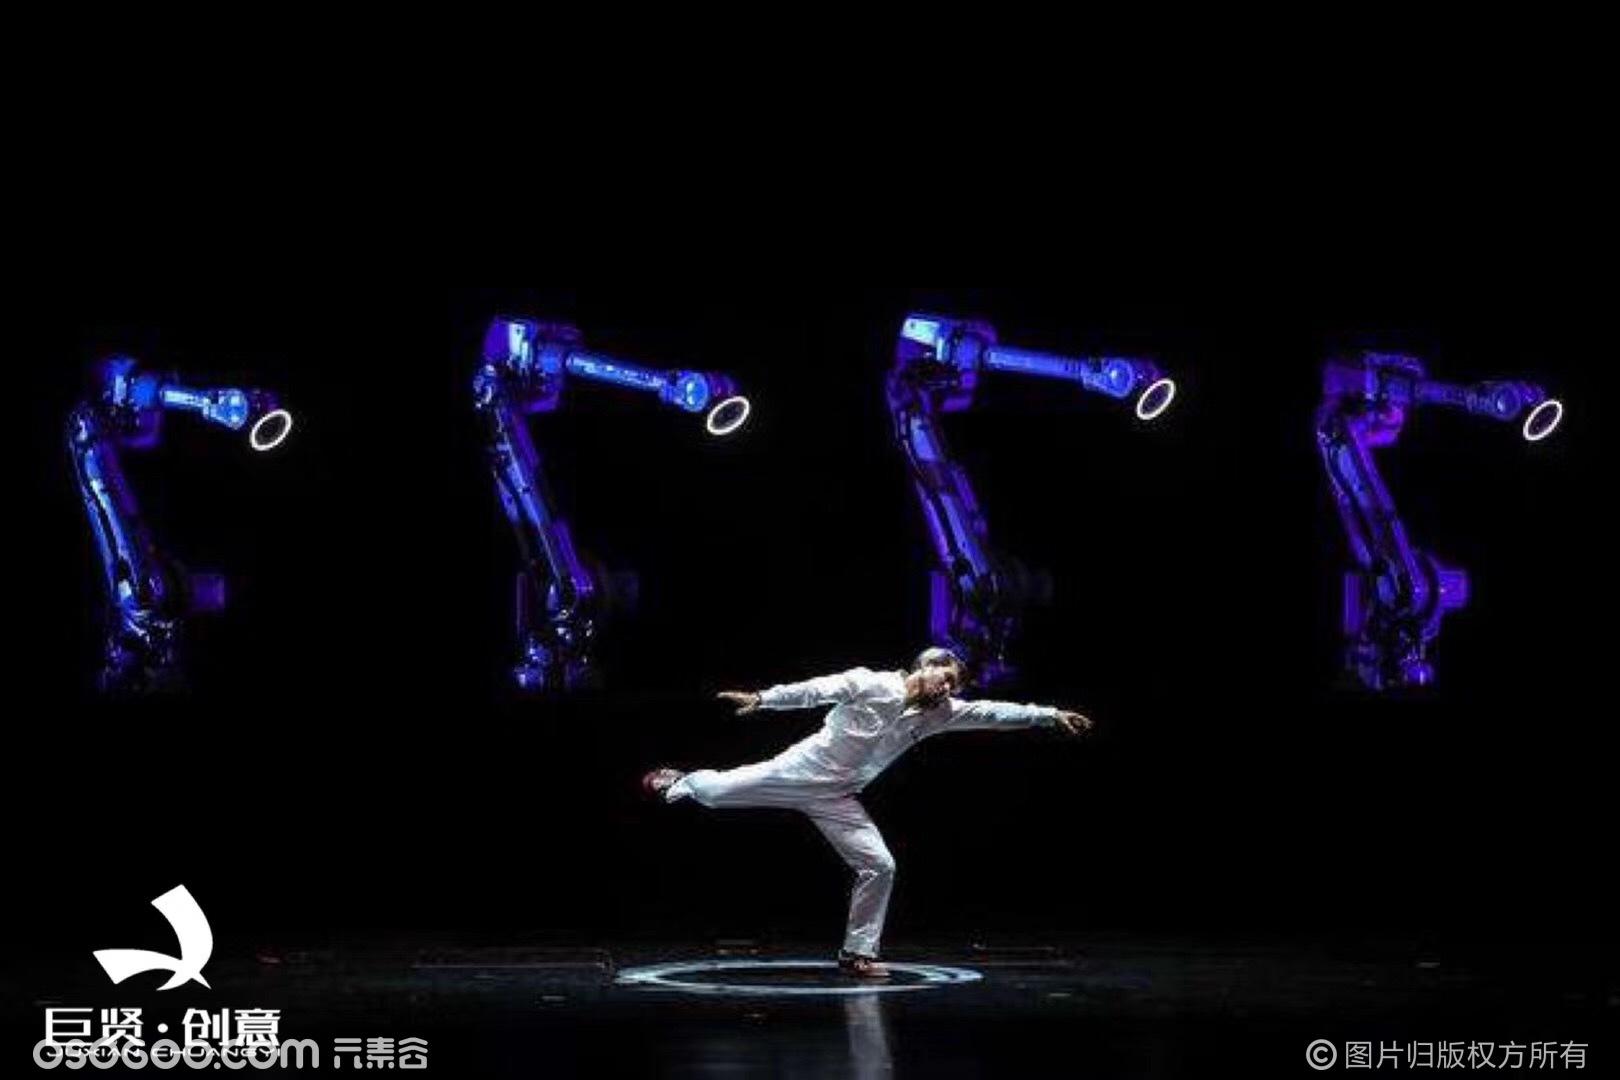 舞台晚会 机械臂共舞 机械臂灯光秀